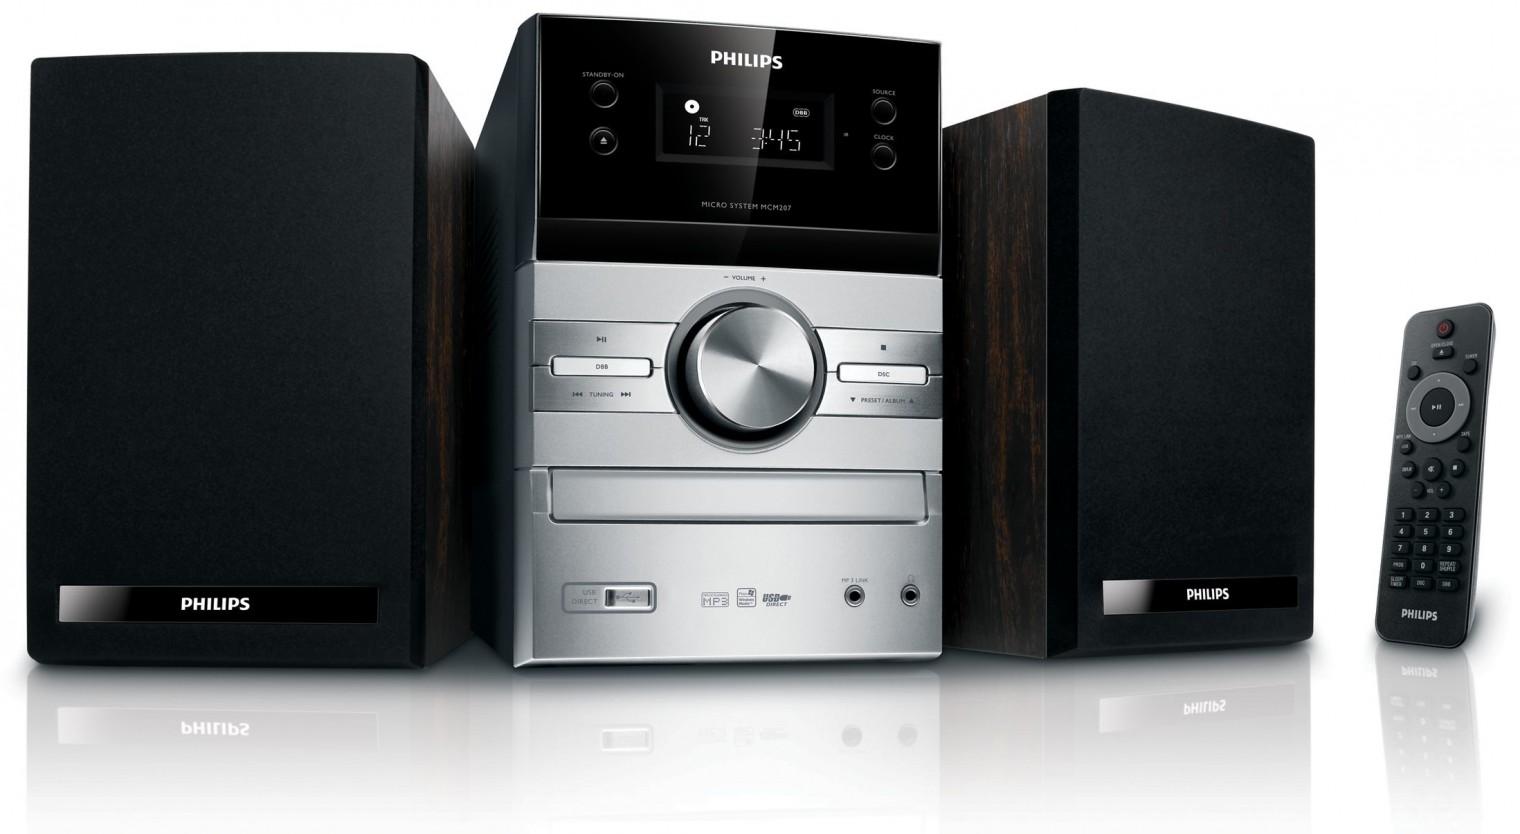 Philips MCM207/12